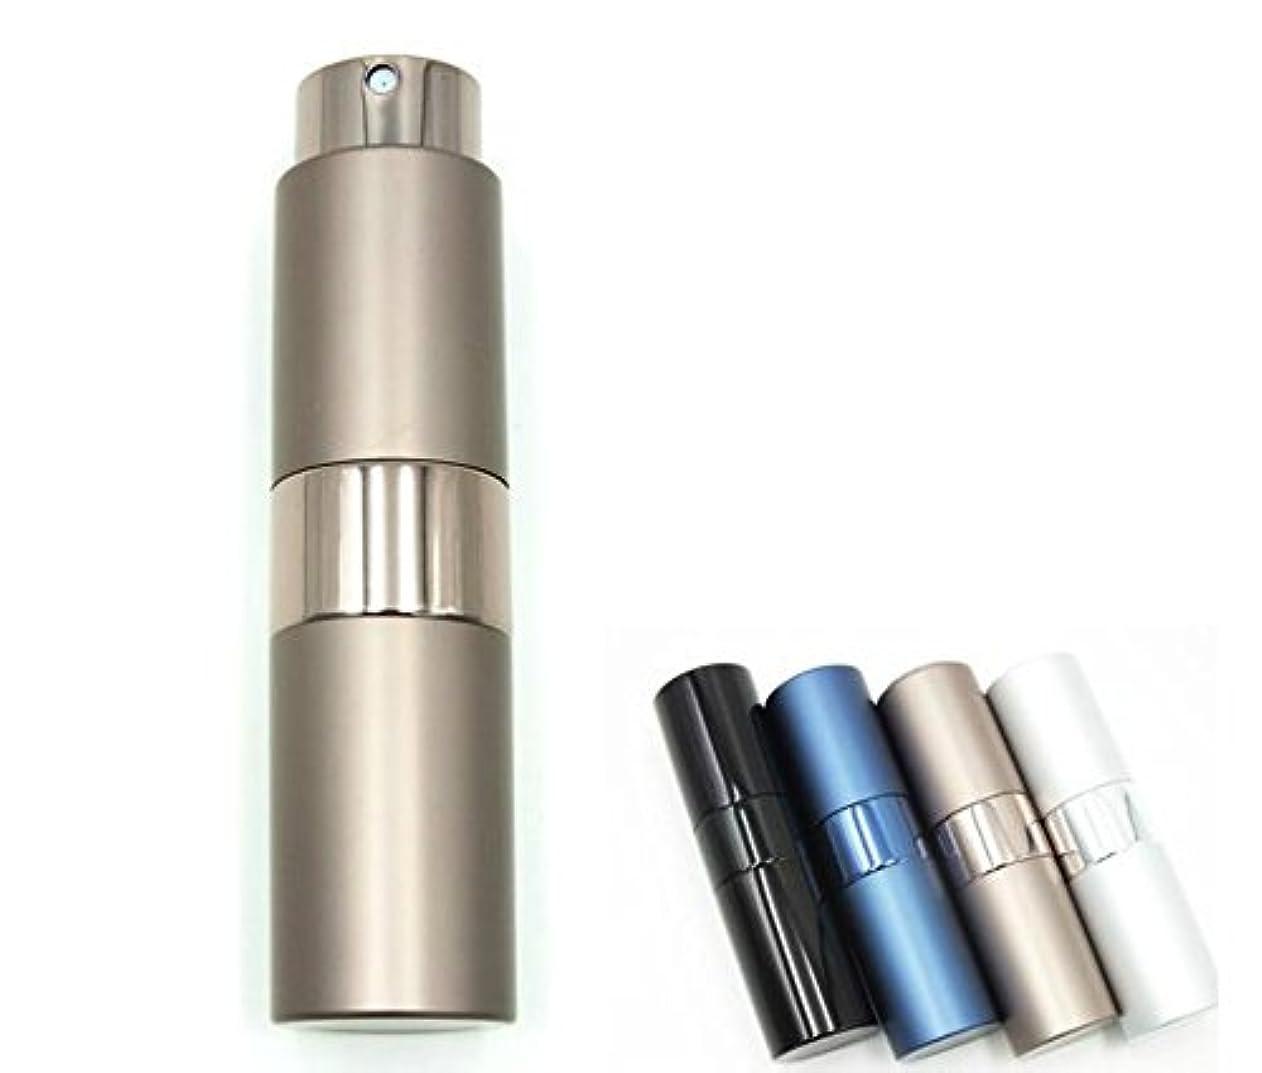 太字時間厳守あらゆる種類のShopXJ 香水 メンズ アトマイザー 大人 男性 プッシュ式 詰め替え 持ち運び 身だしなみ 携帯用 15ml (ブラウン)